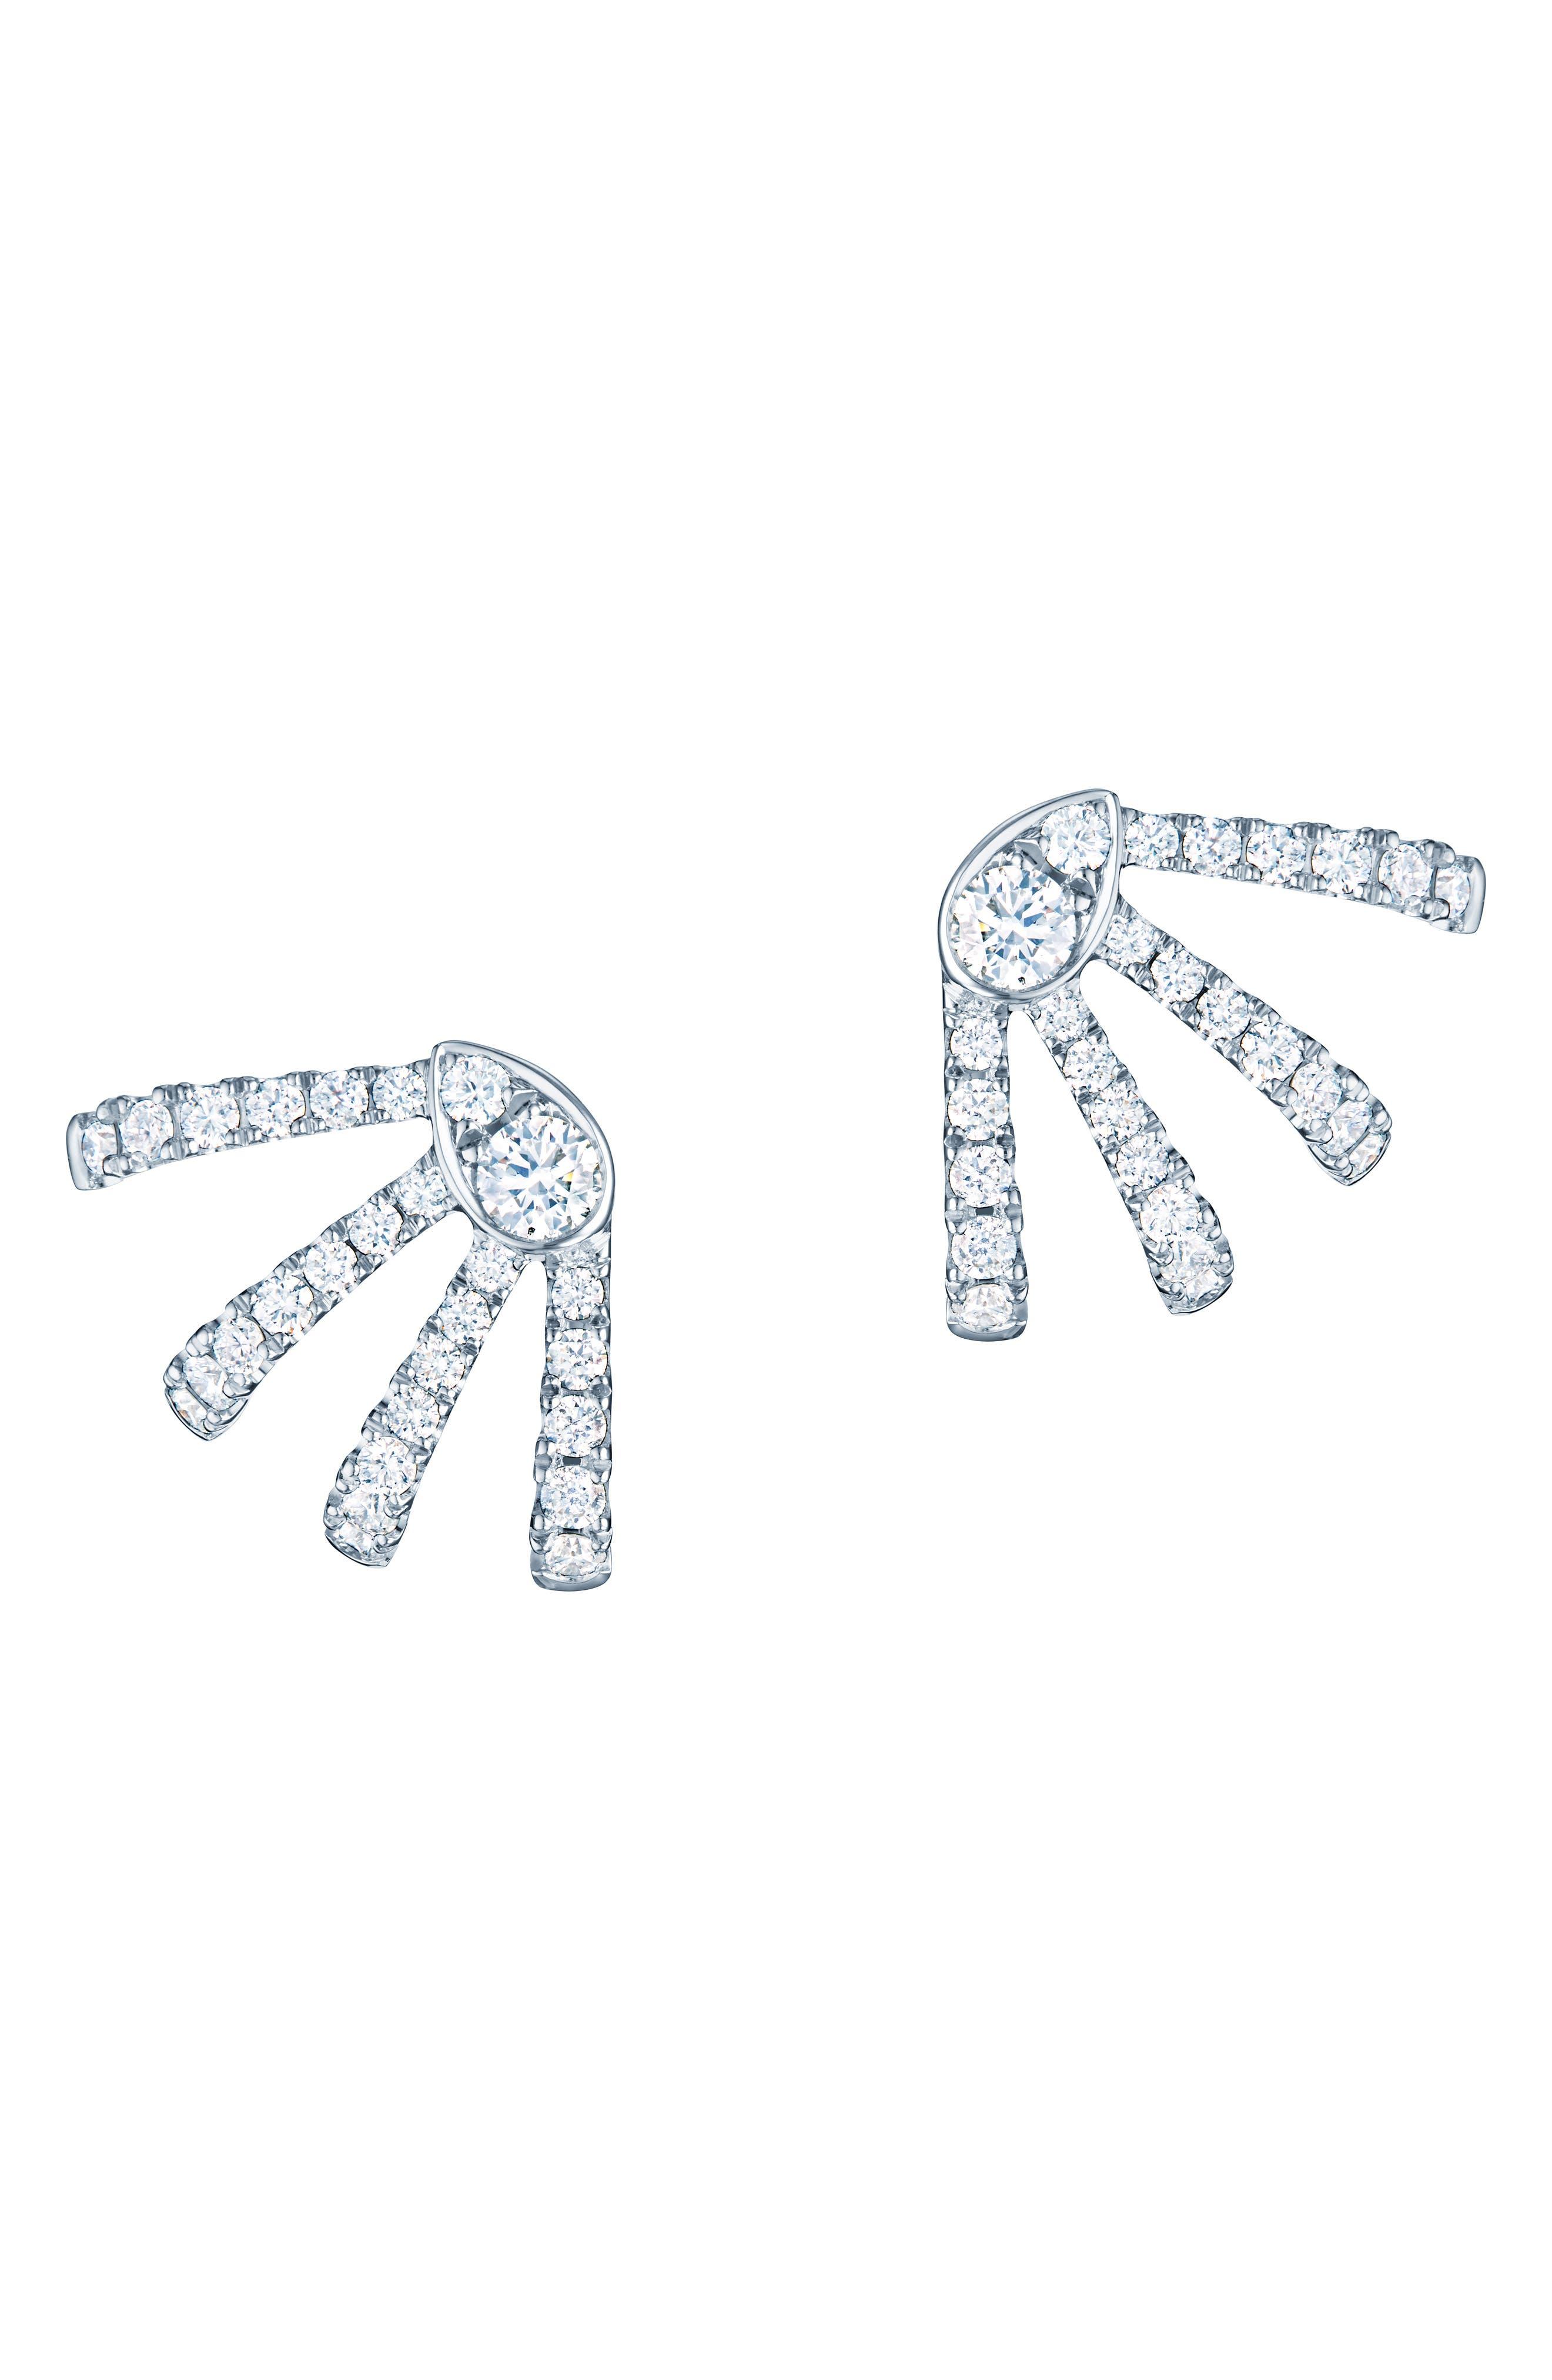 KWIAT Small Vine Diamond Huggie Earrings in White Gold